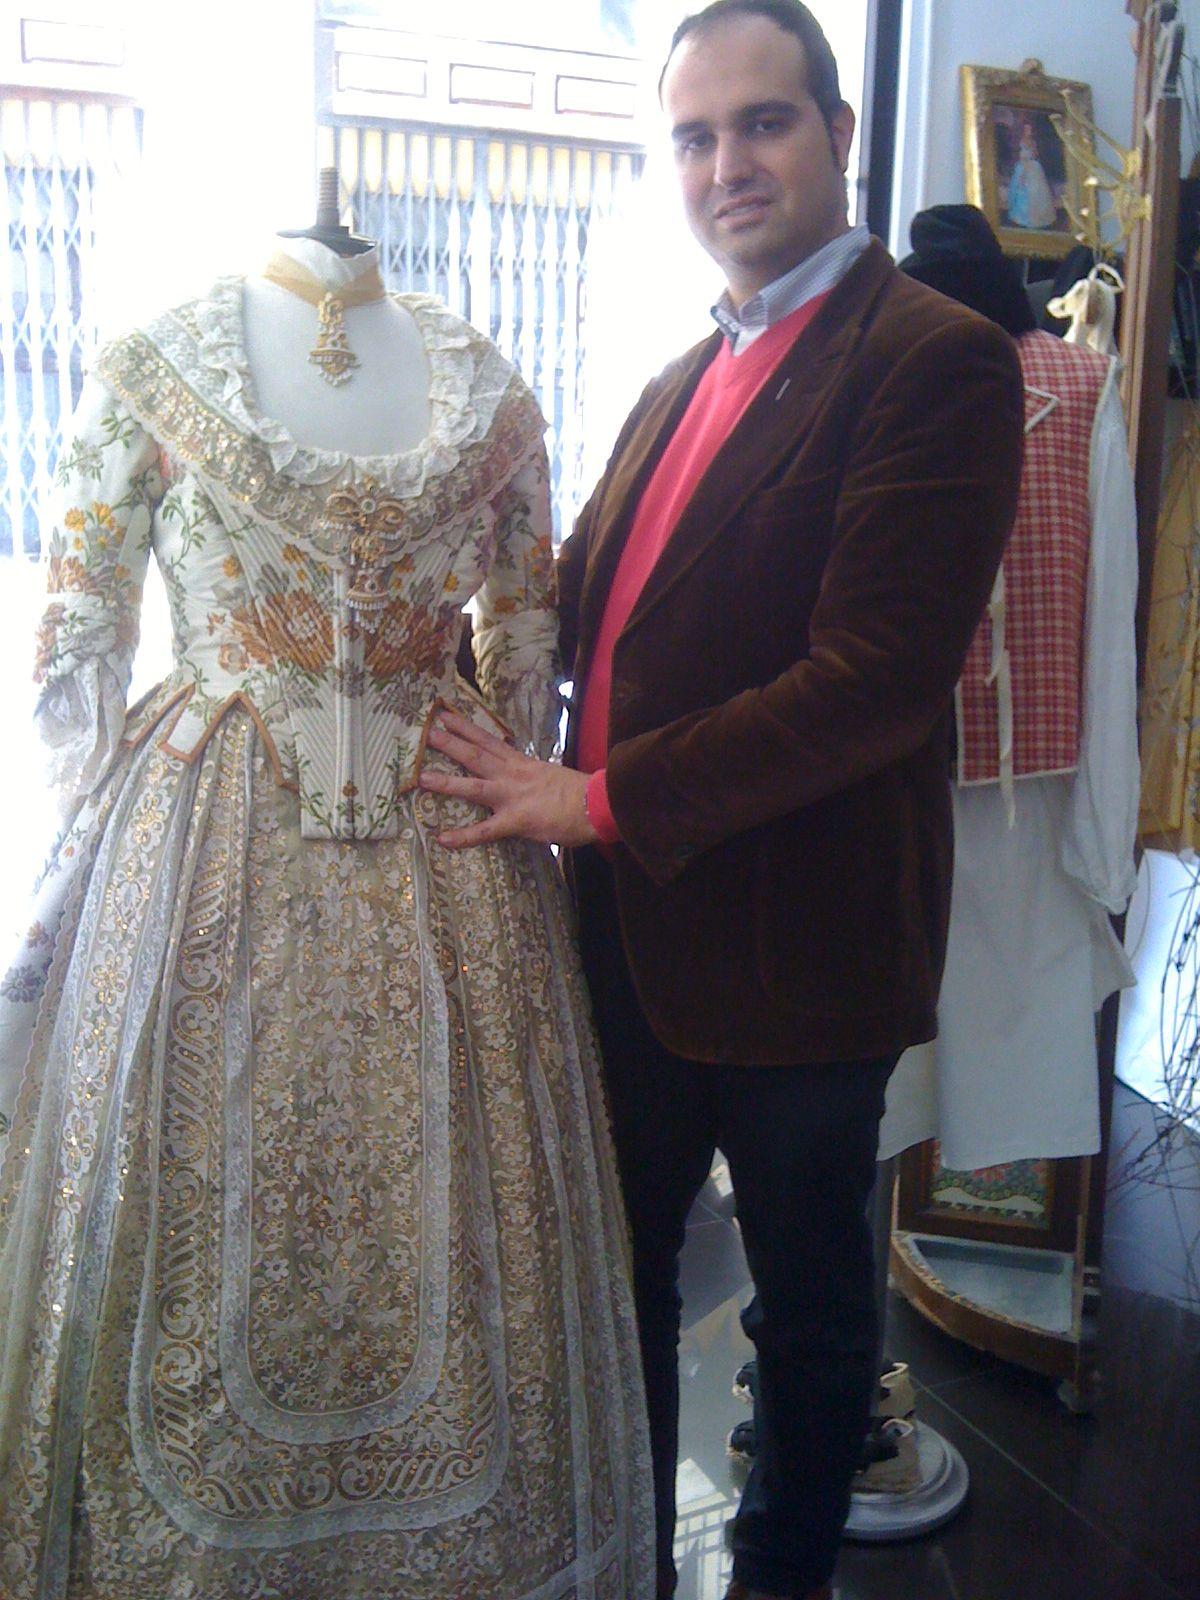 Ernesto Sostoa shows us some of the beautiful Fallas costumes at his studio in Valencia.